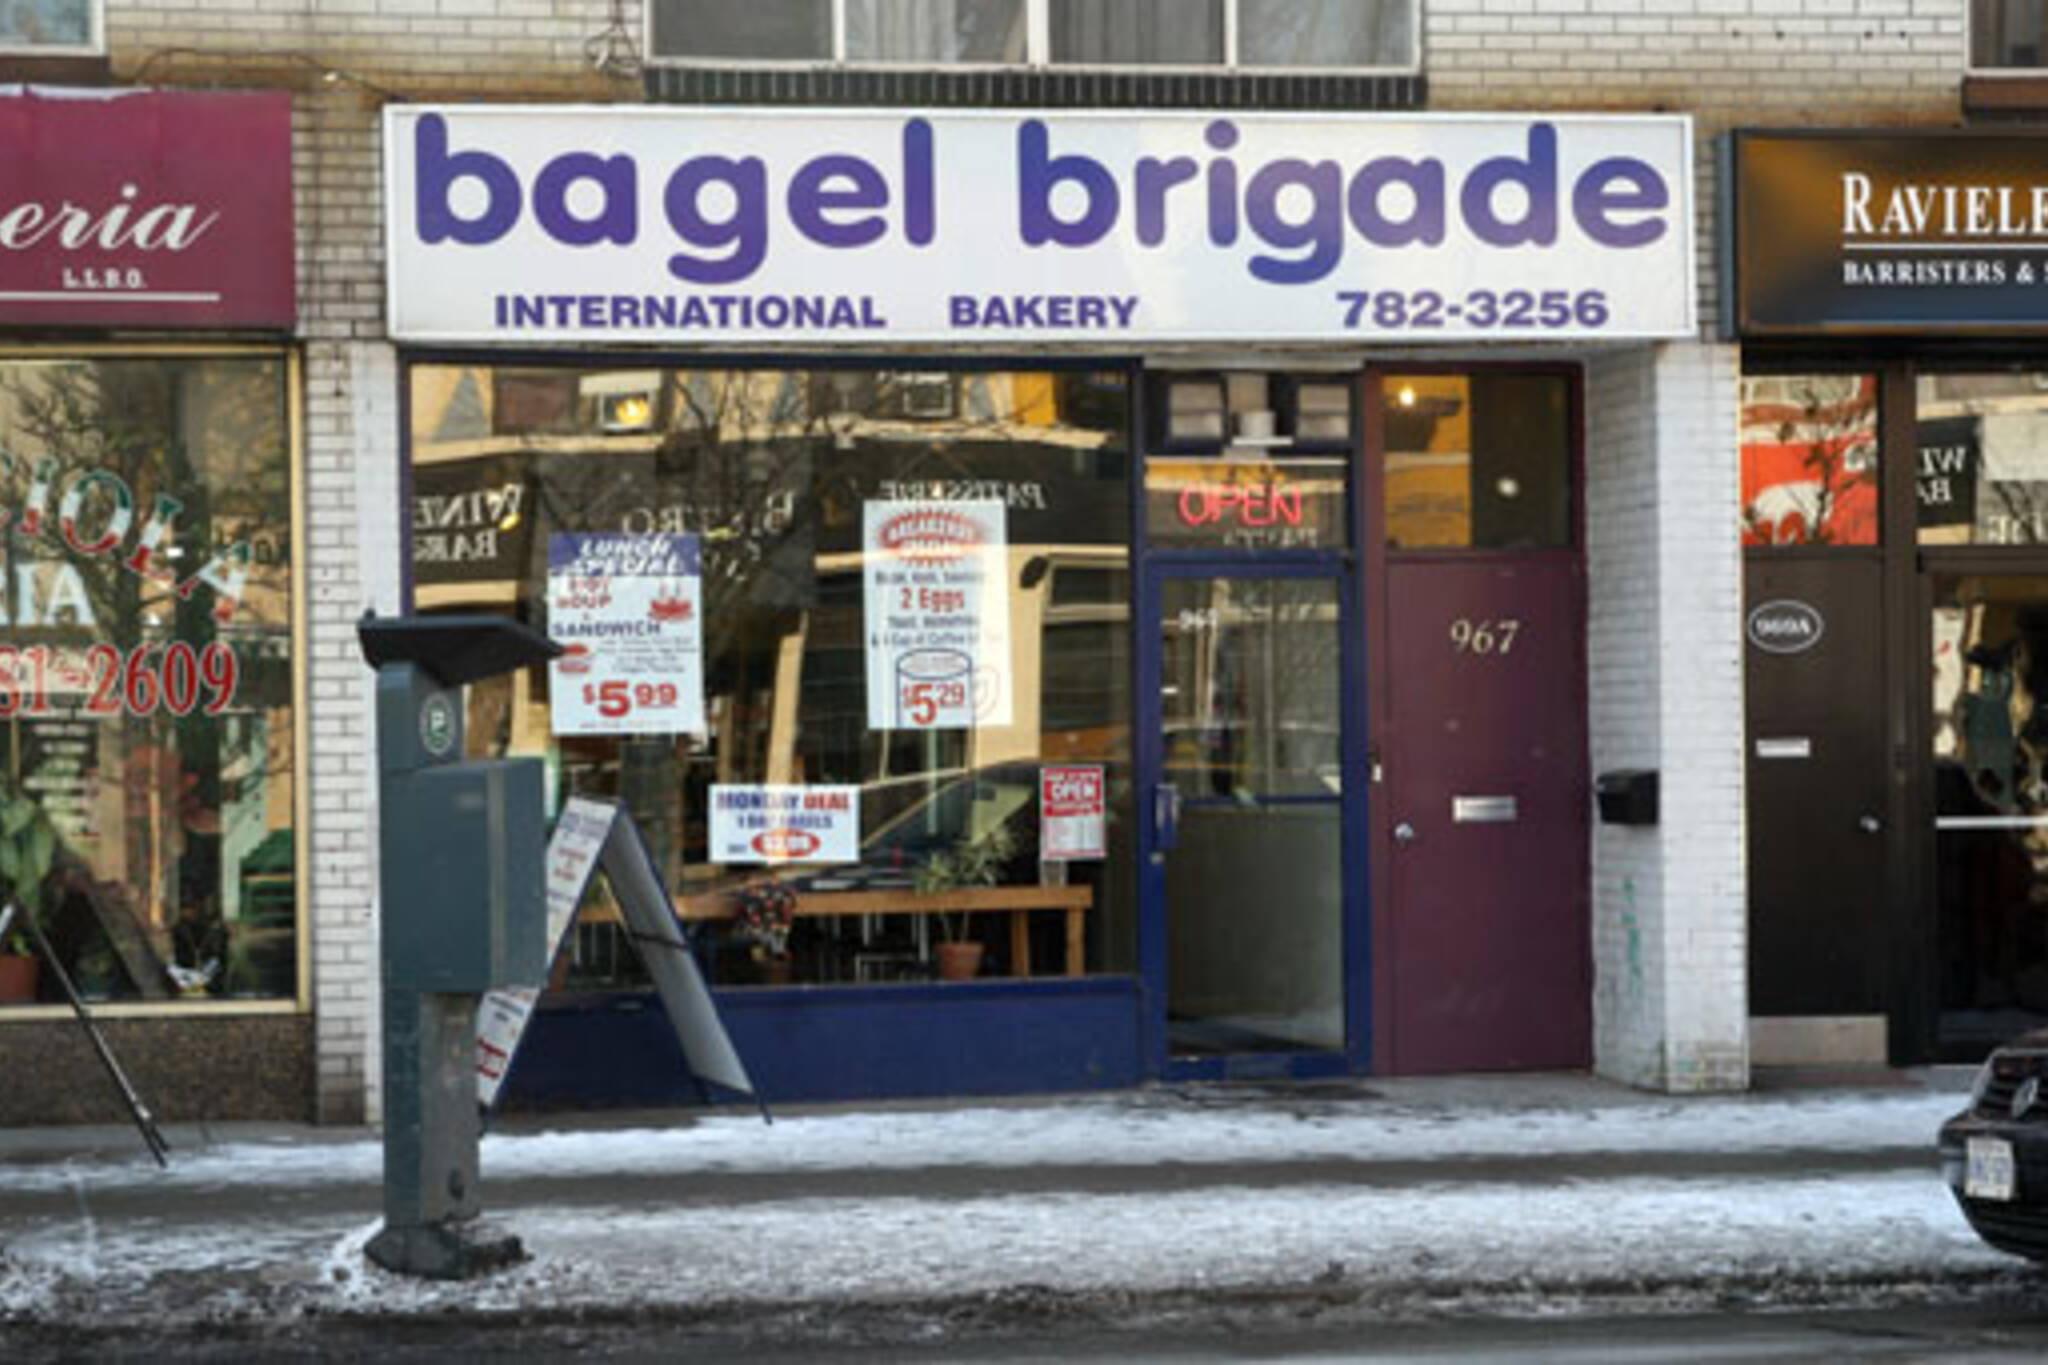 Bagel Brigade